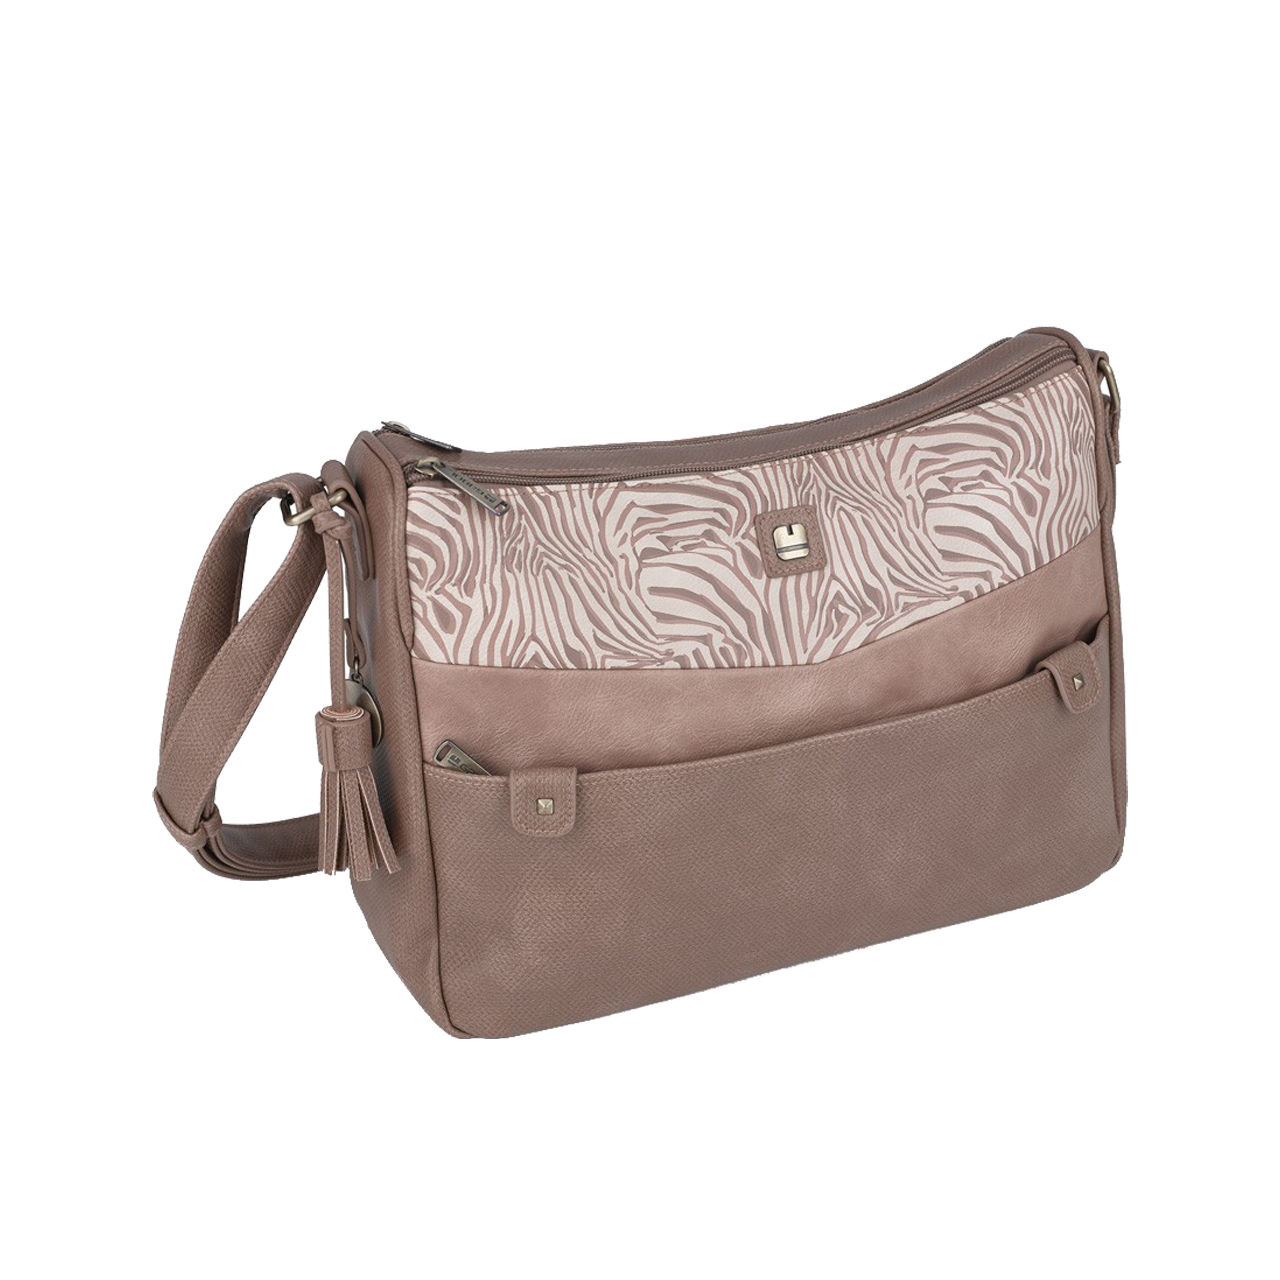 کیف دوشی زنانه گابل مدل Kenia 538512 -  - 6